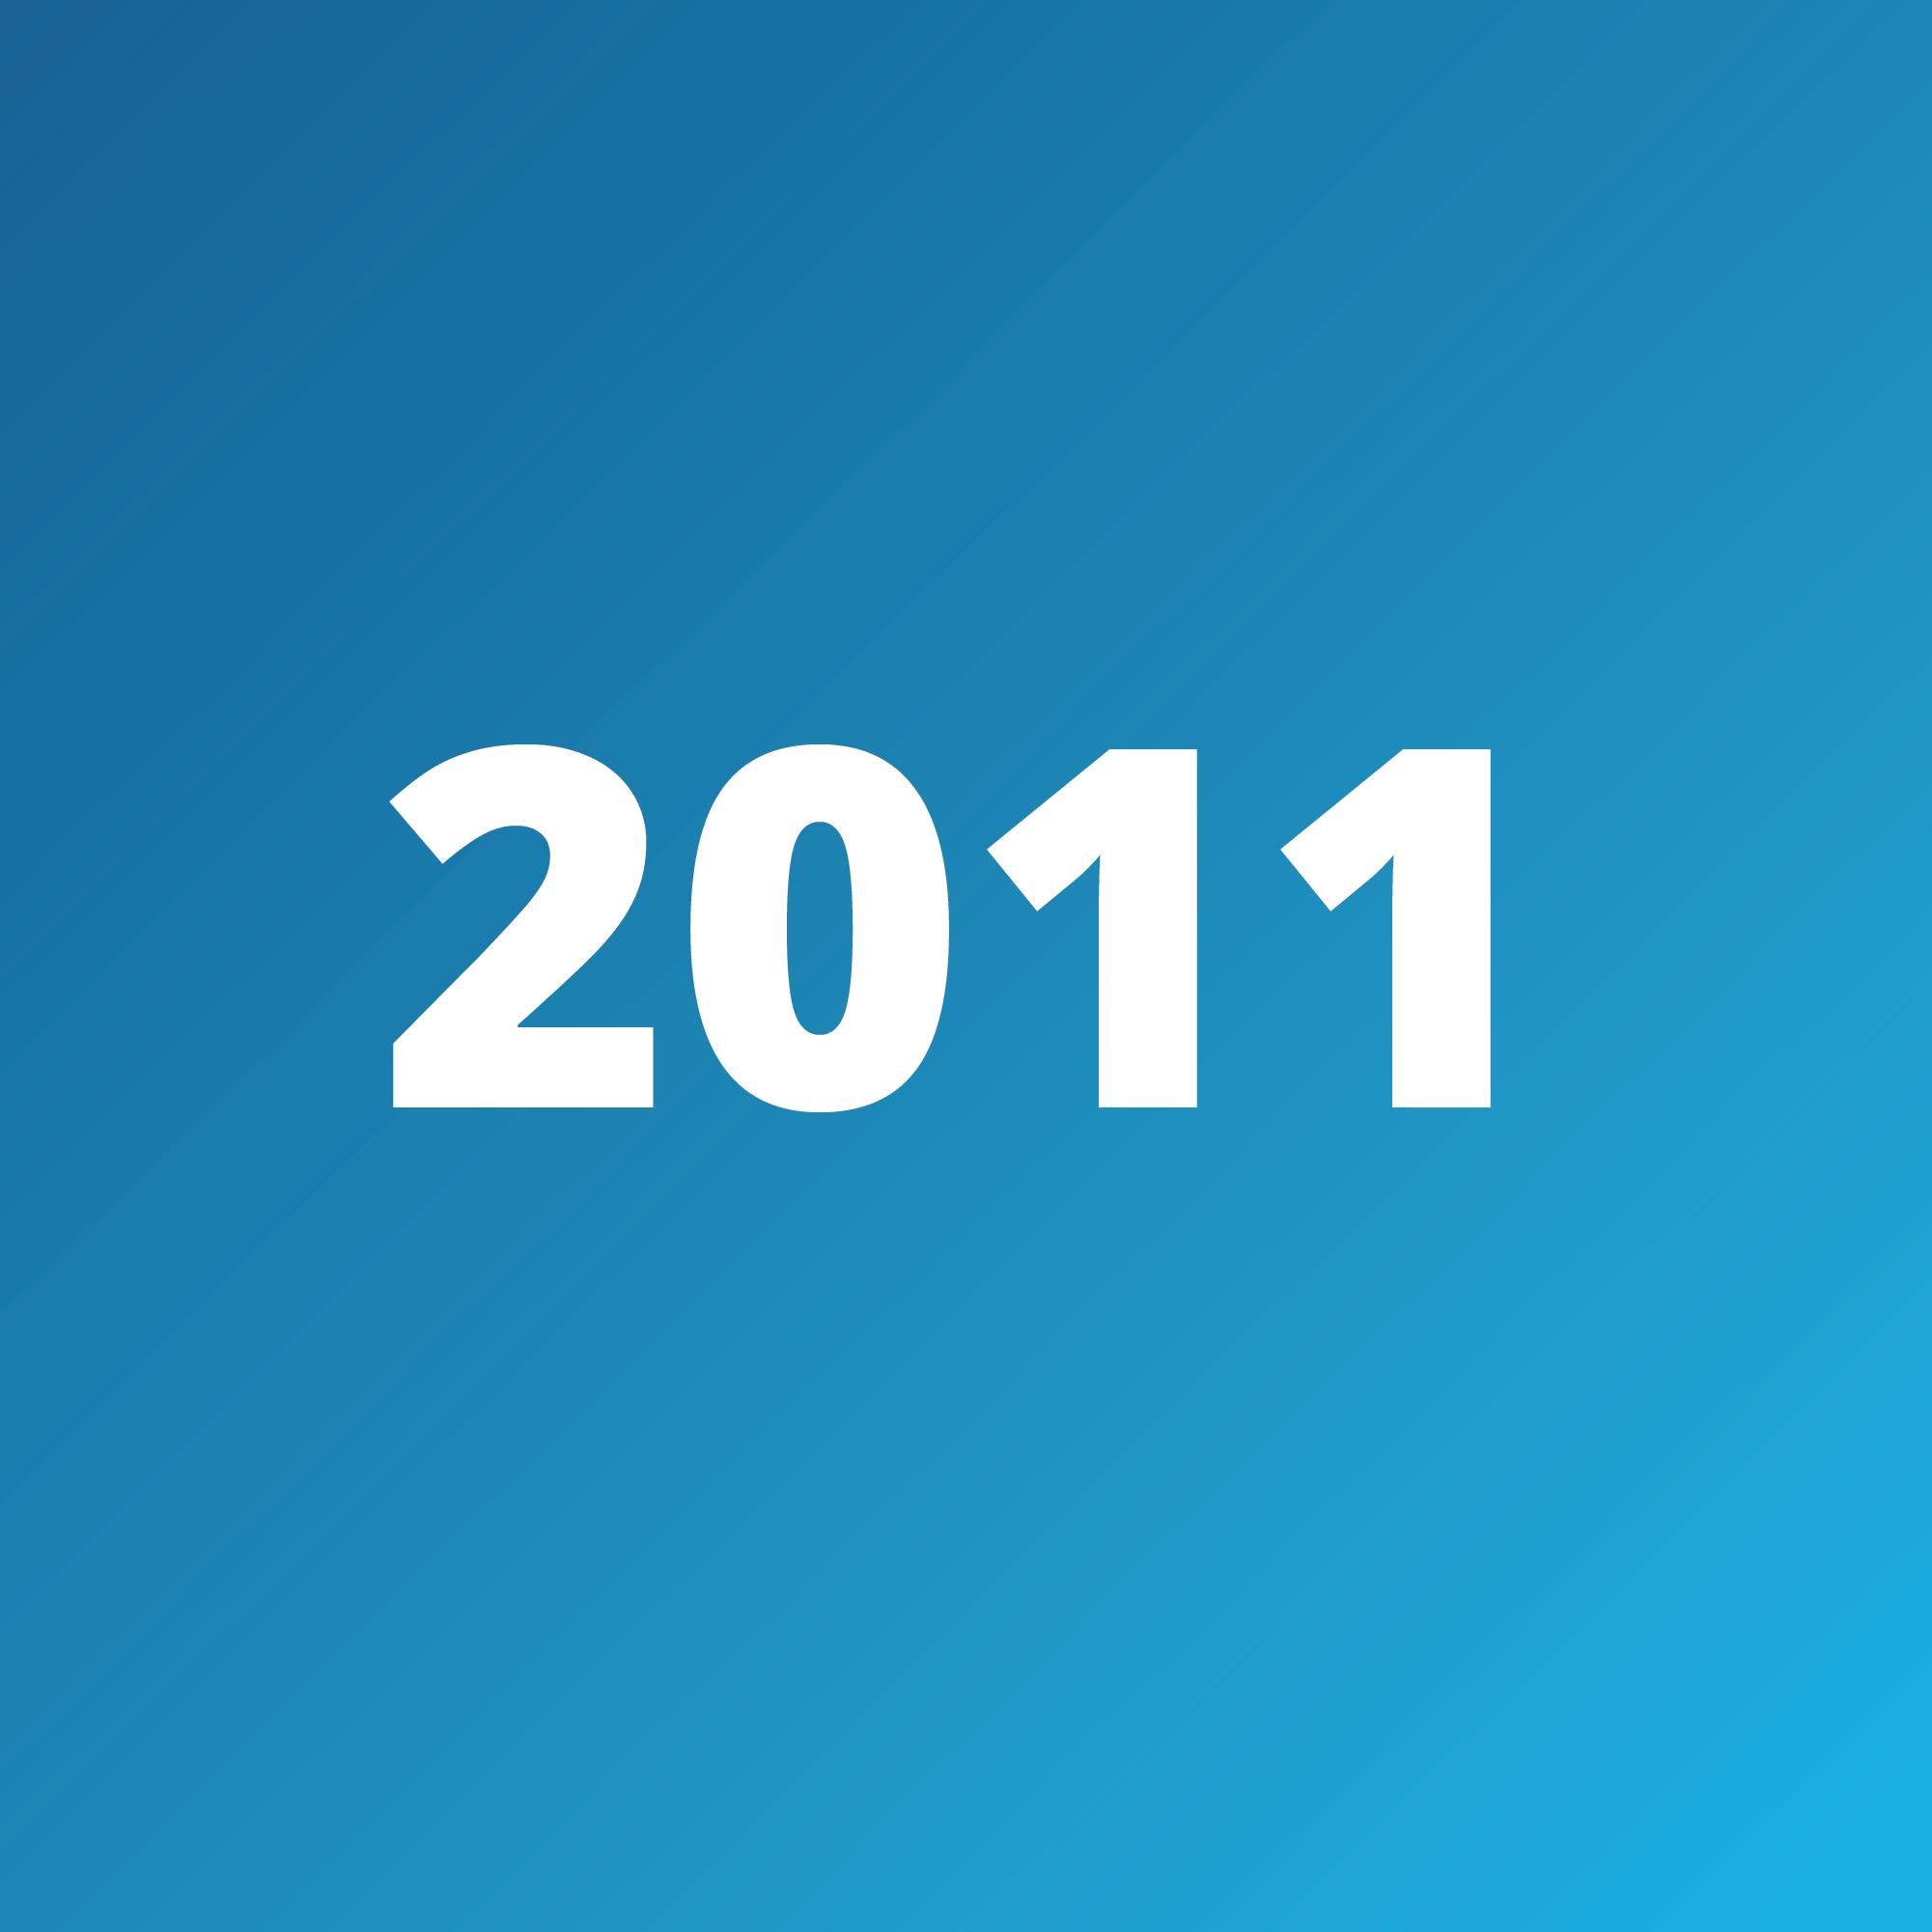 Timeline - 2011